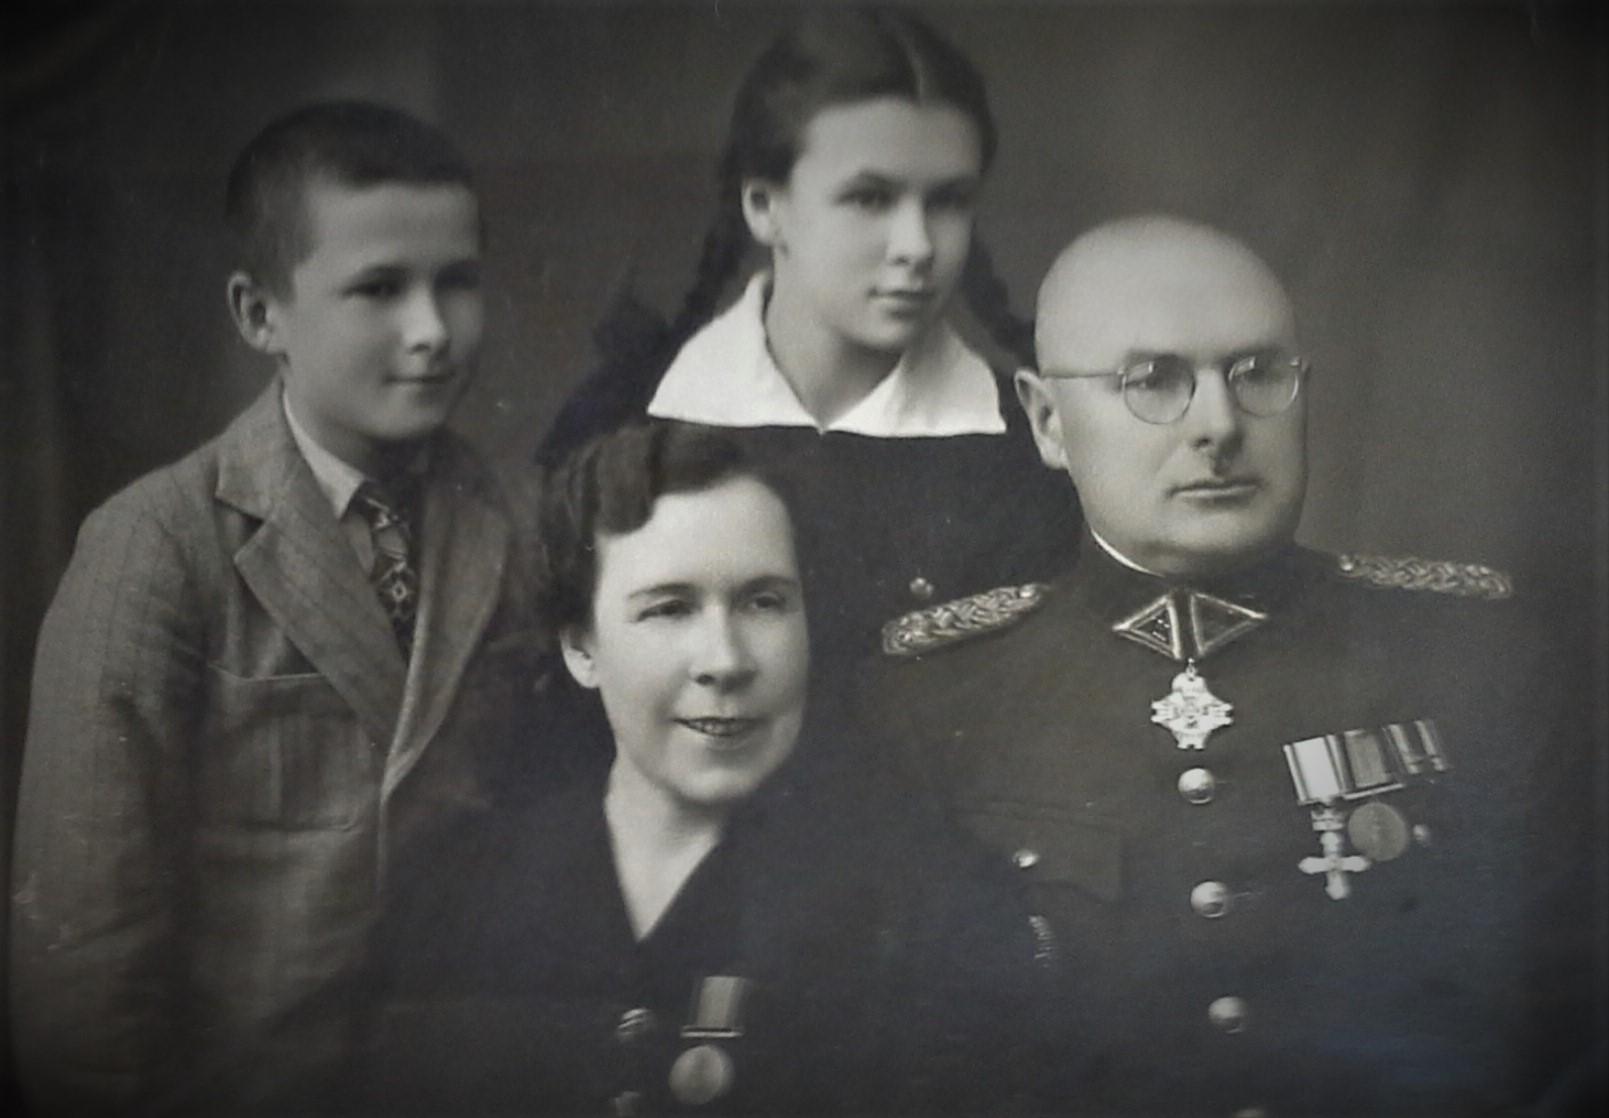 Šlepečių šeima Raseiniuose apie 1938 m.: Stanislava Šlepetienė, Lietuvos kariuomenės karininkas J. Šlepetys, jų dukra Angelė Rūta ir sūnus Ričardas Algimantas.